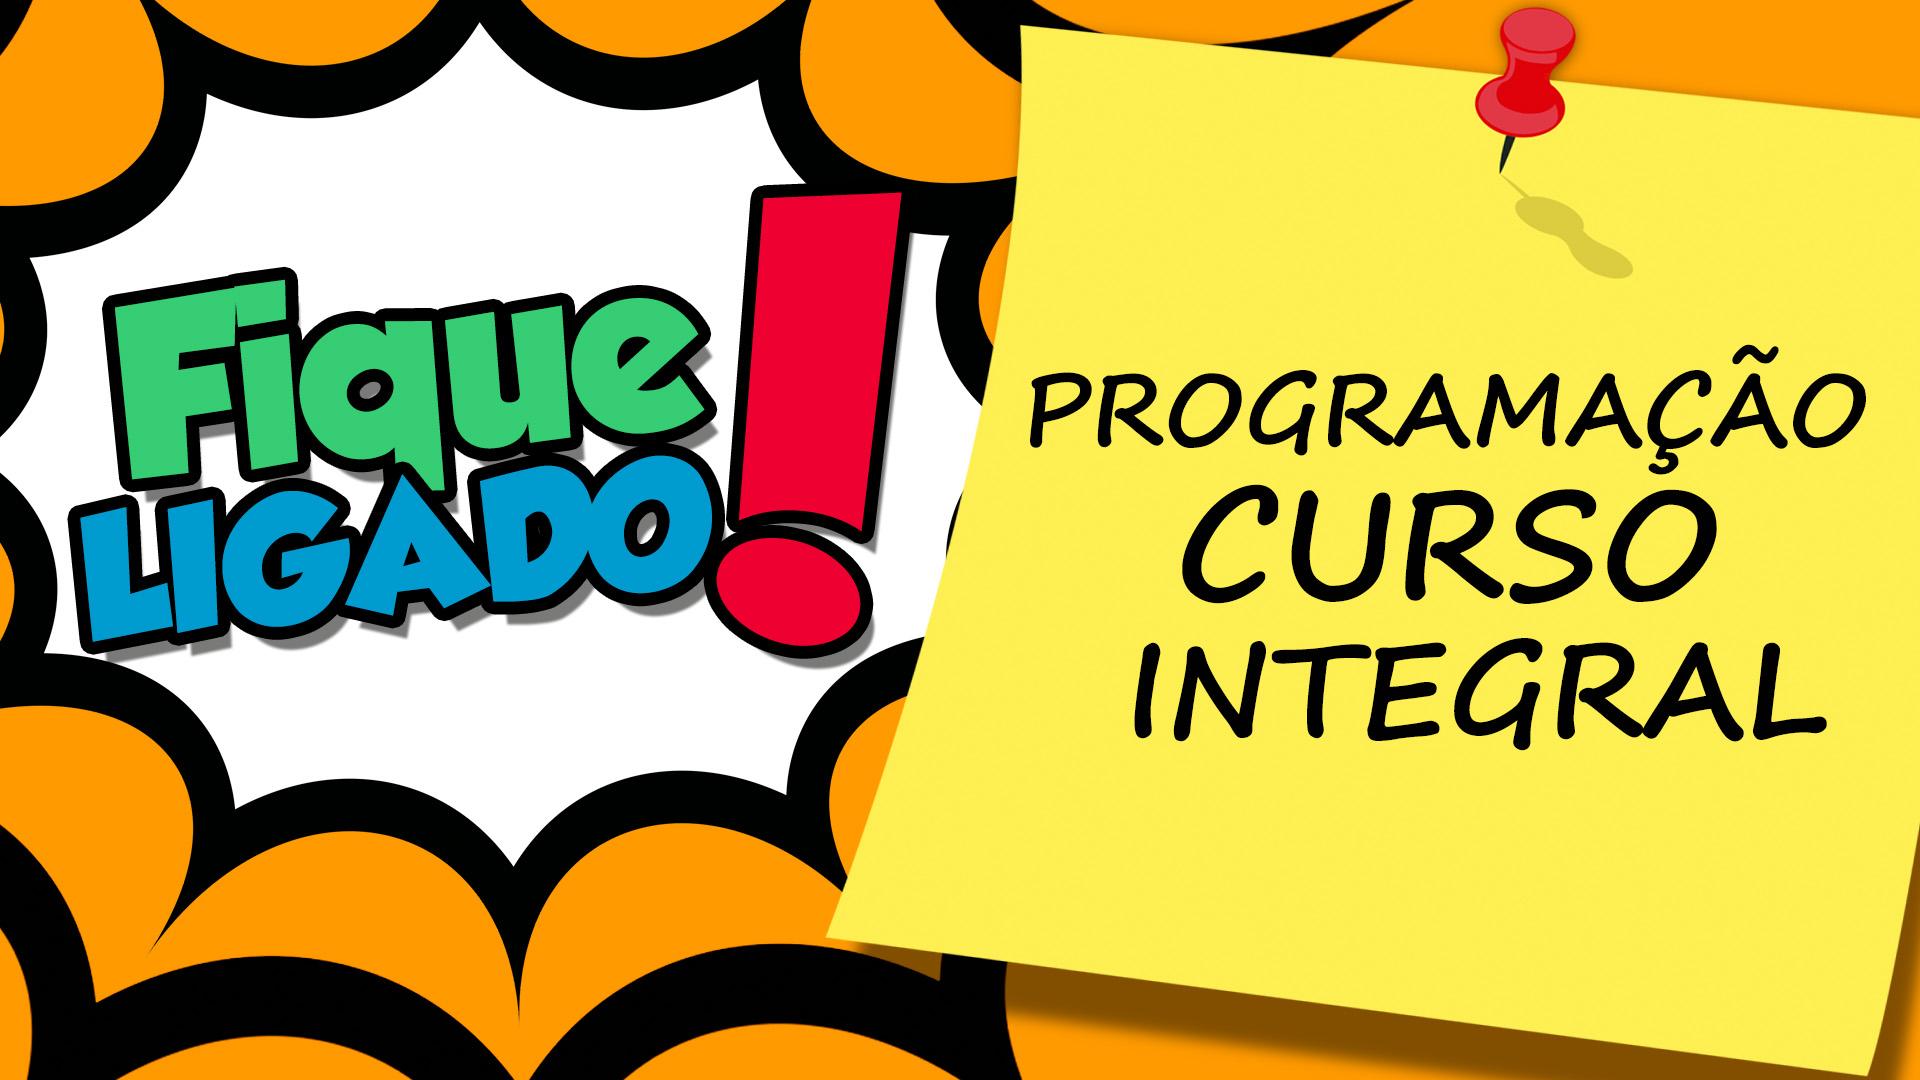 [Programação Integral - São Vicente de Paulo - Penha]